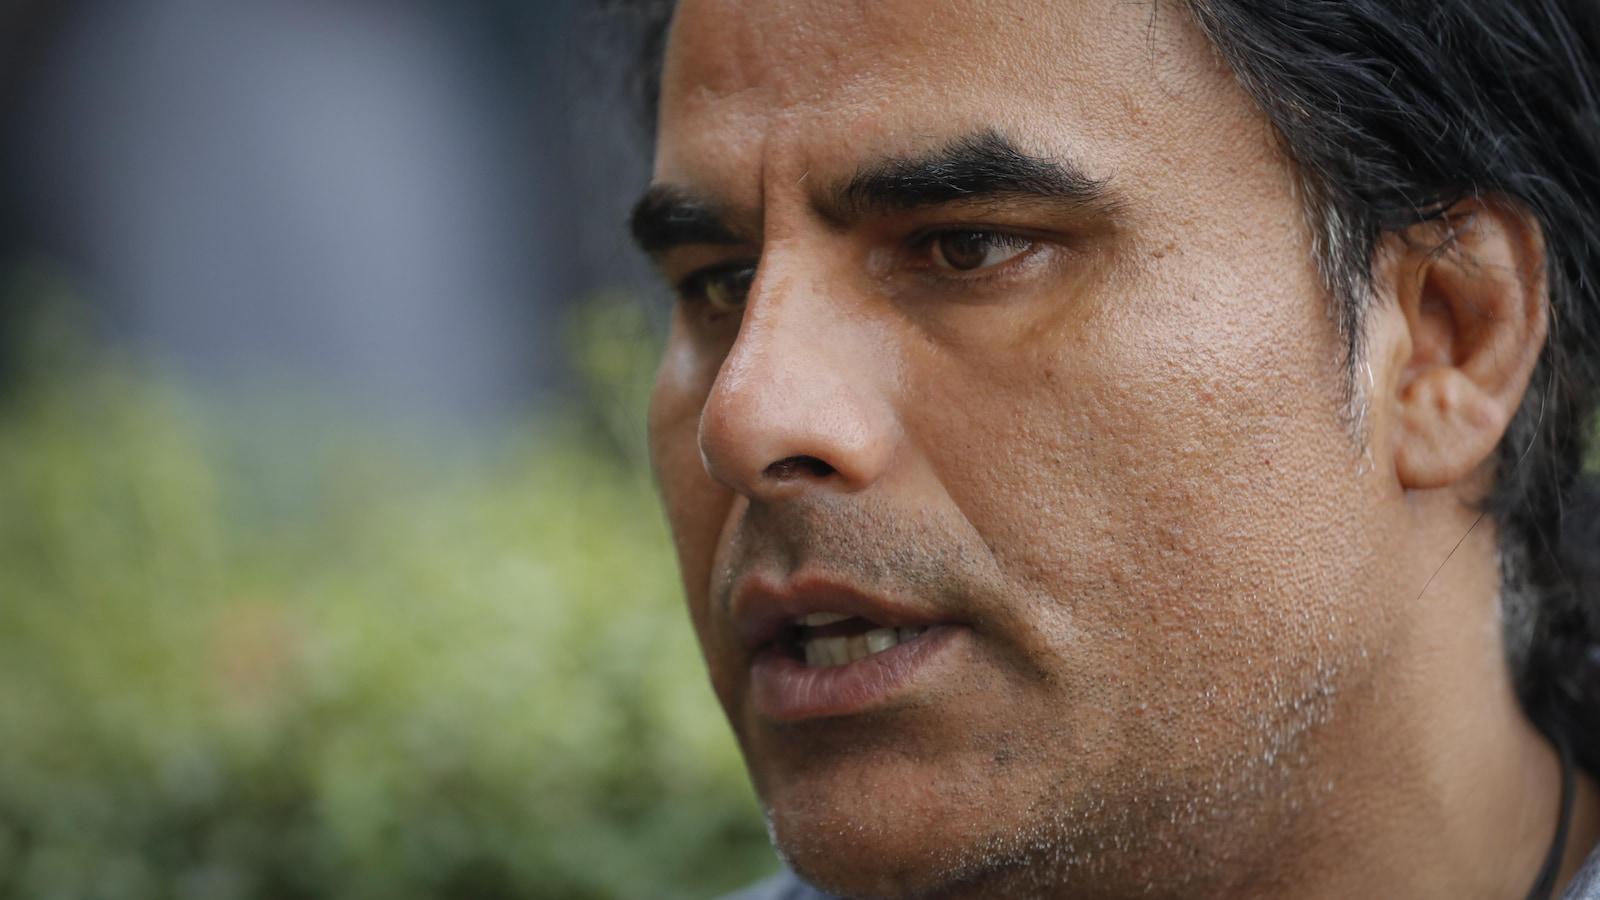 Gros plan sur le visage d'Abdul Aziz lors d'une entrevue avec un journaliste.